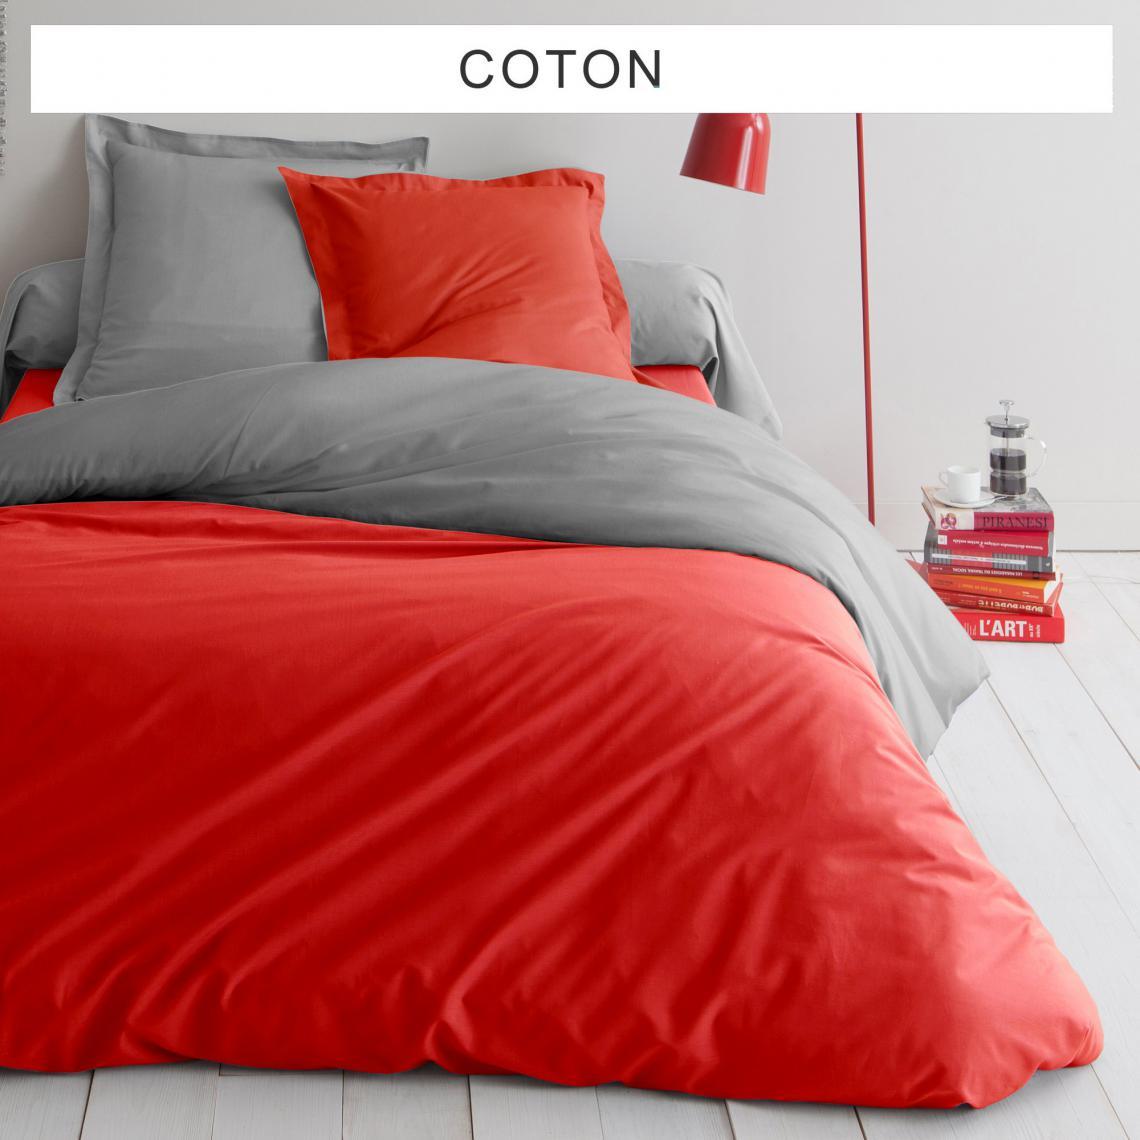 Housse de couette coton tertio gris rouge 3 suisses - Housse de couette grise et rouge ...